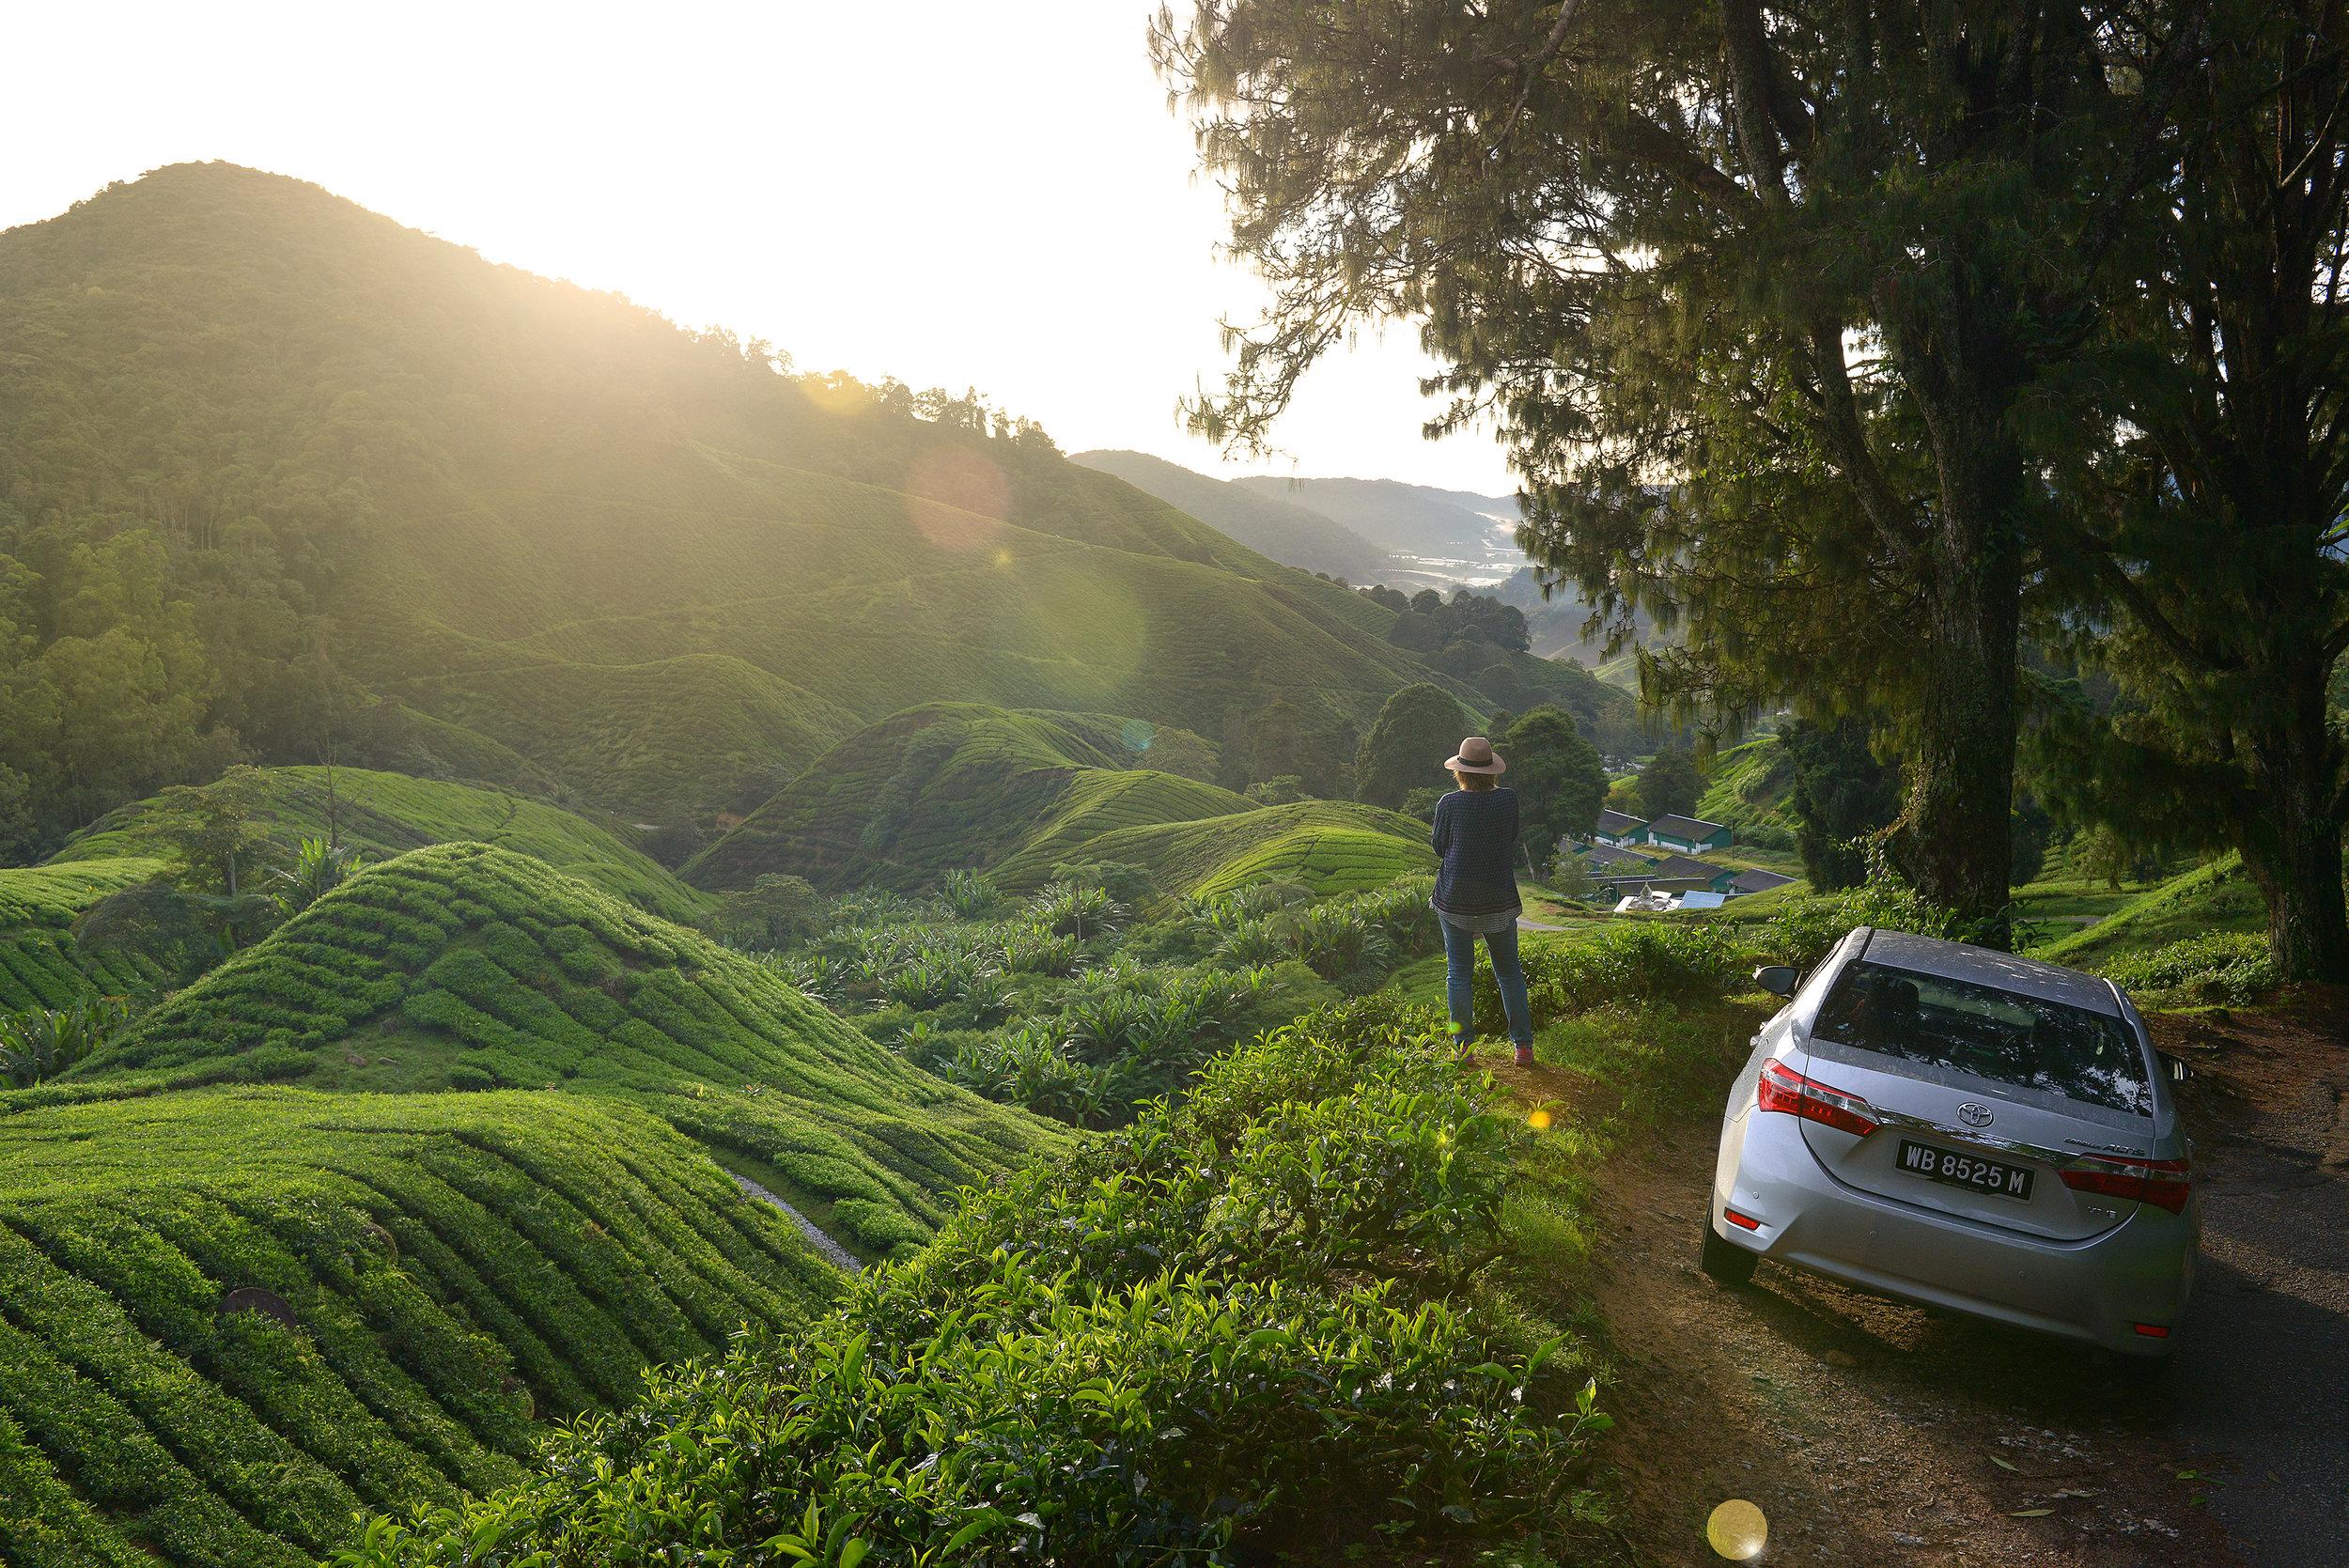 Malesia, Aasia, roadtrip, Cameron Highlands, tee, teeplantaasi